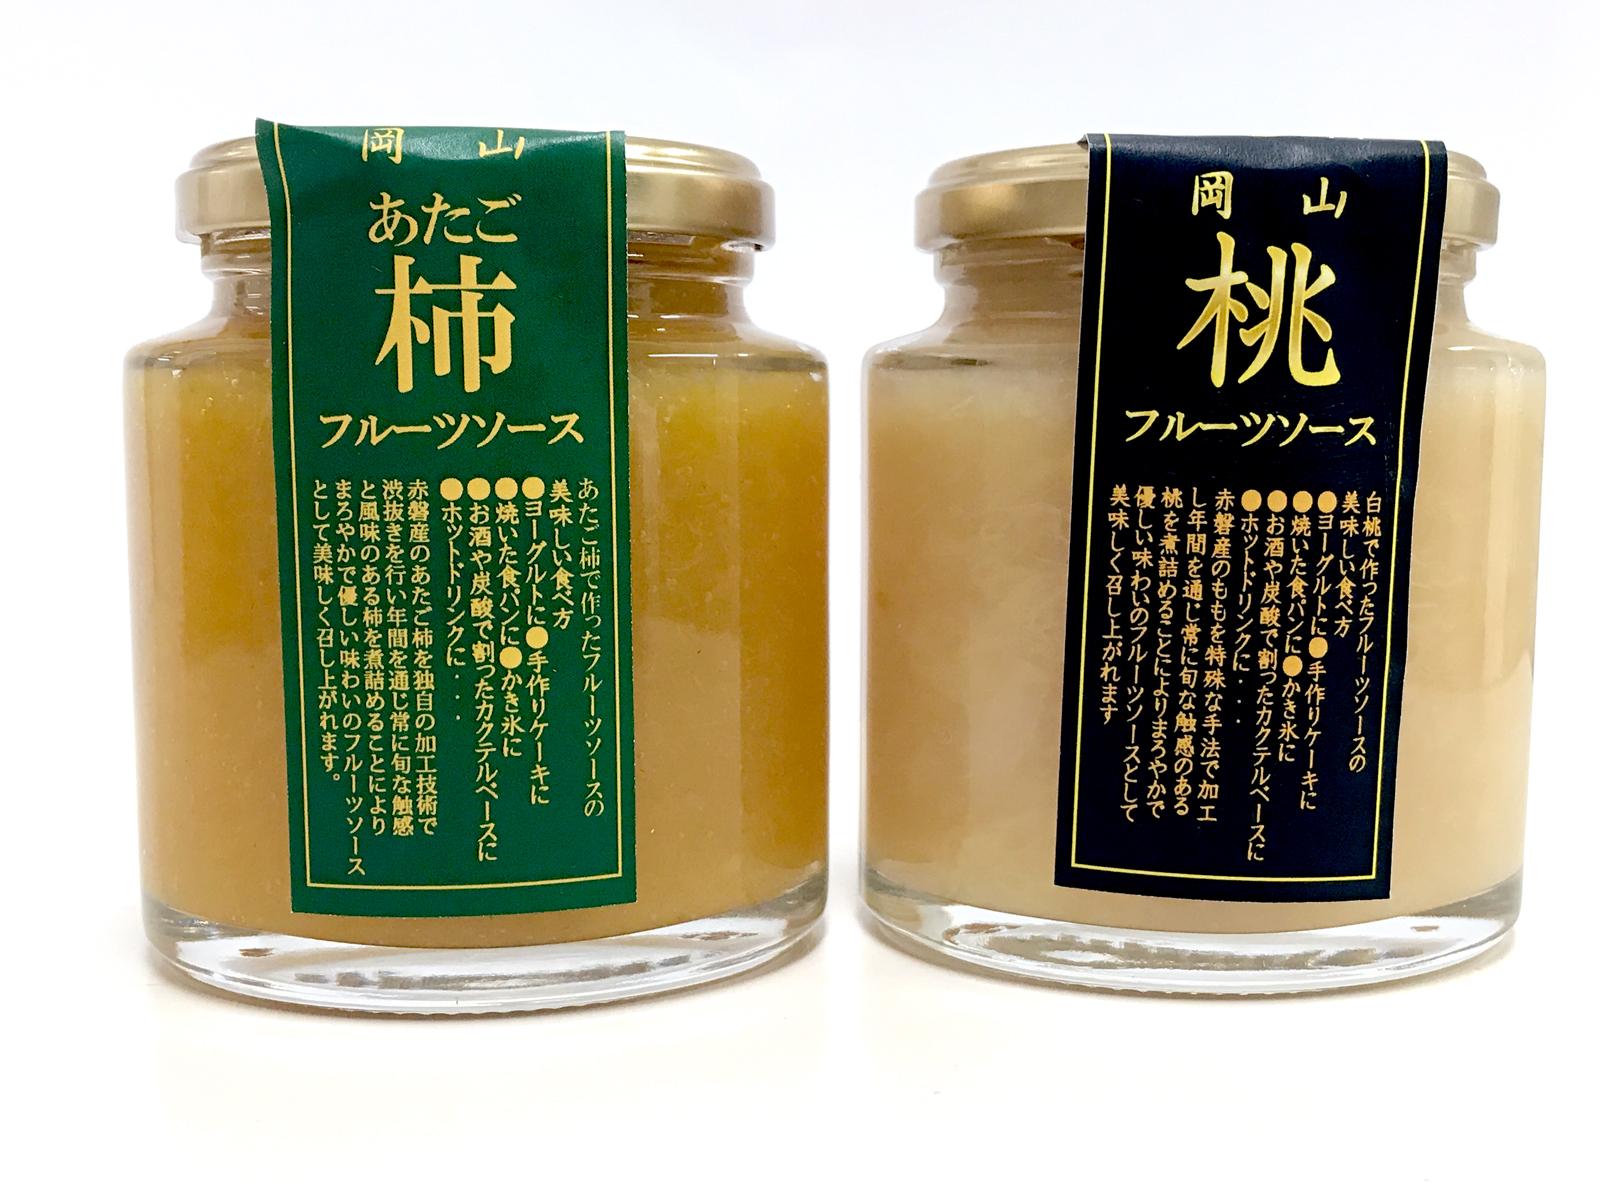 岡山県赤磐産のフルーツソース(桃・あたご柿セット)